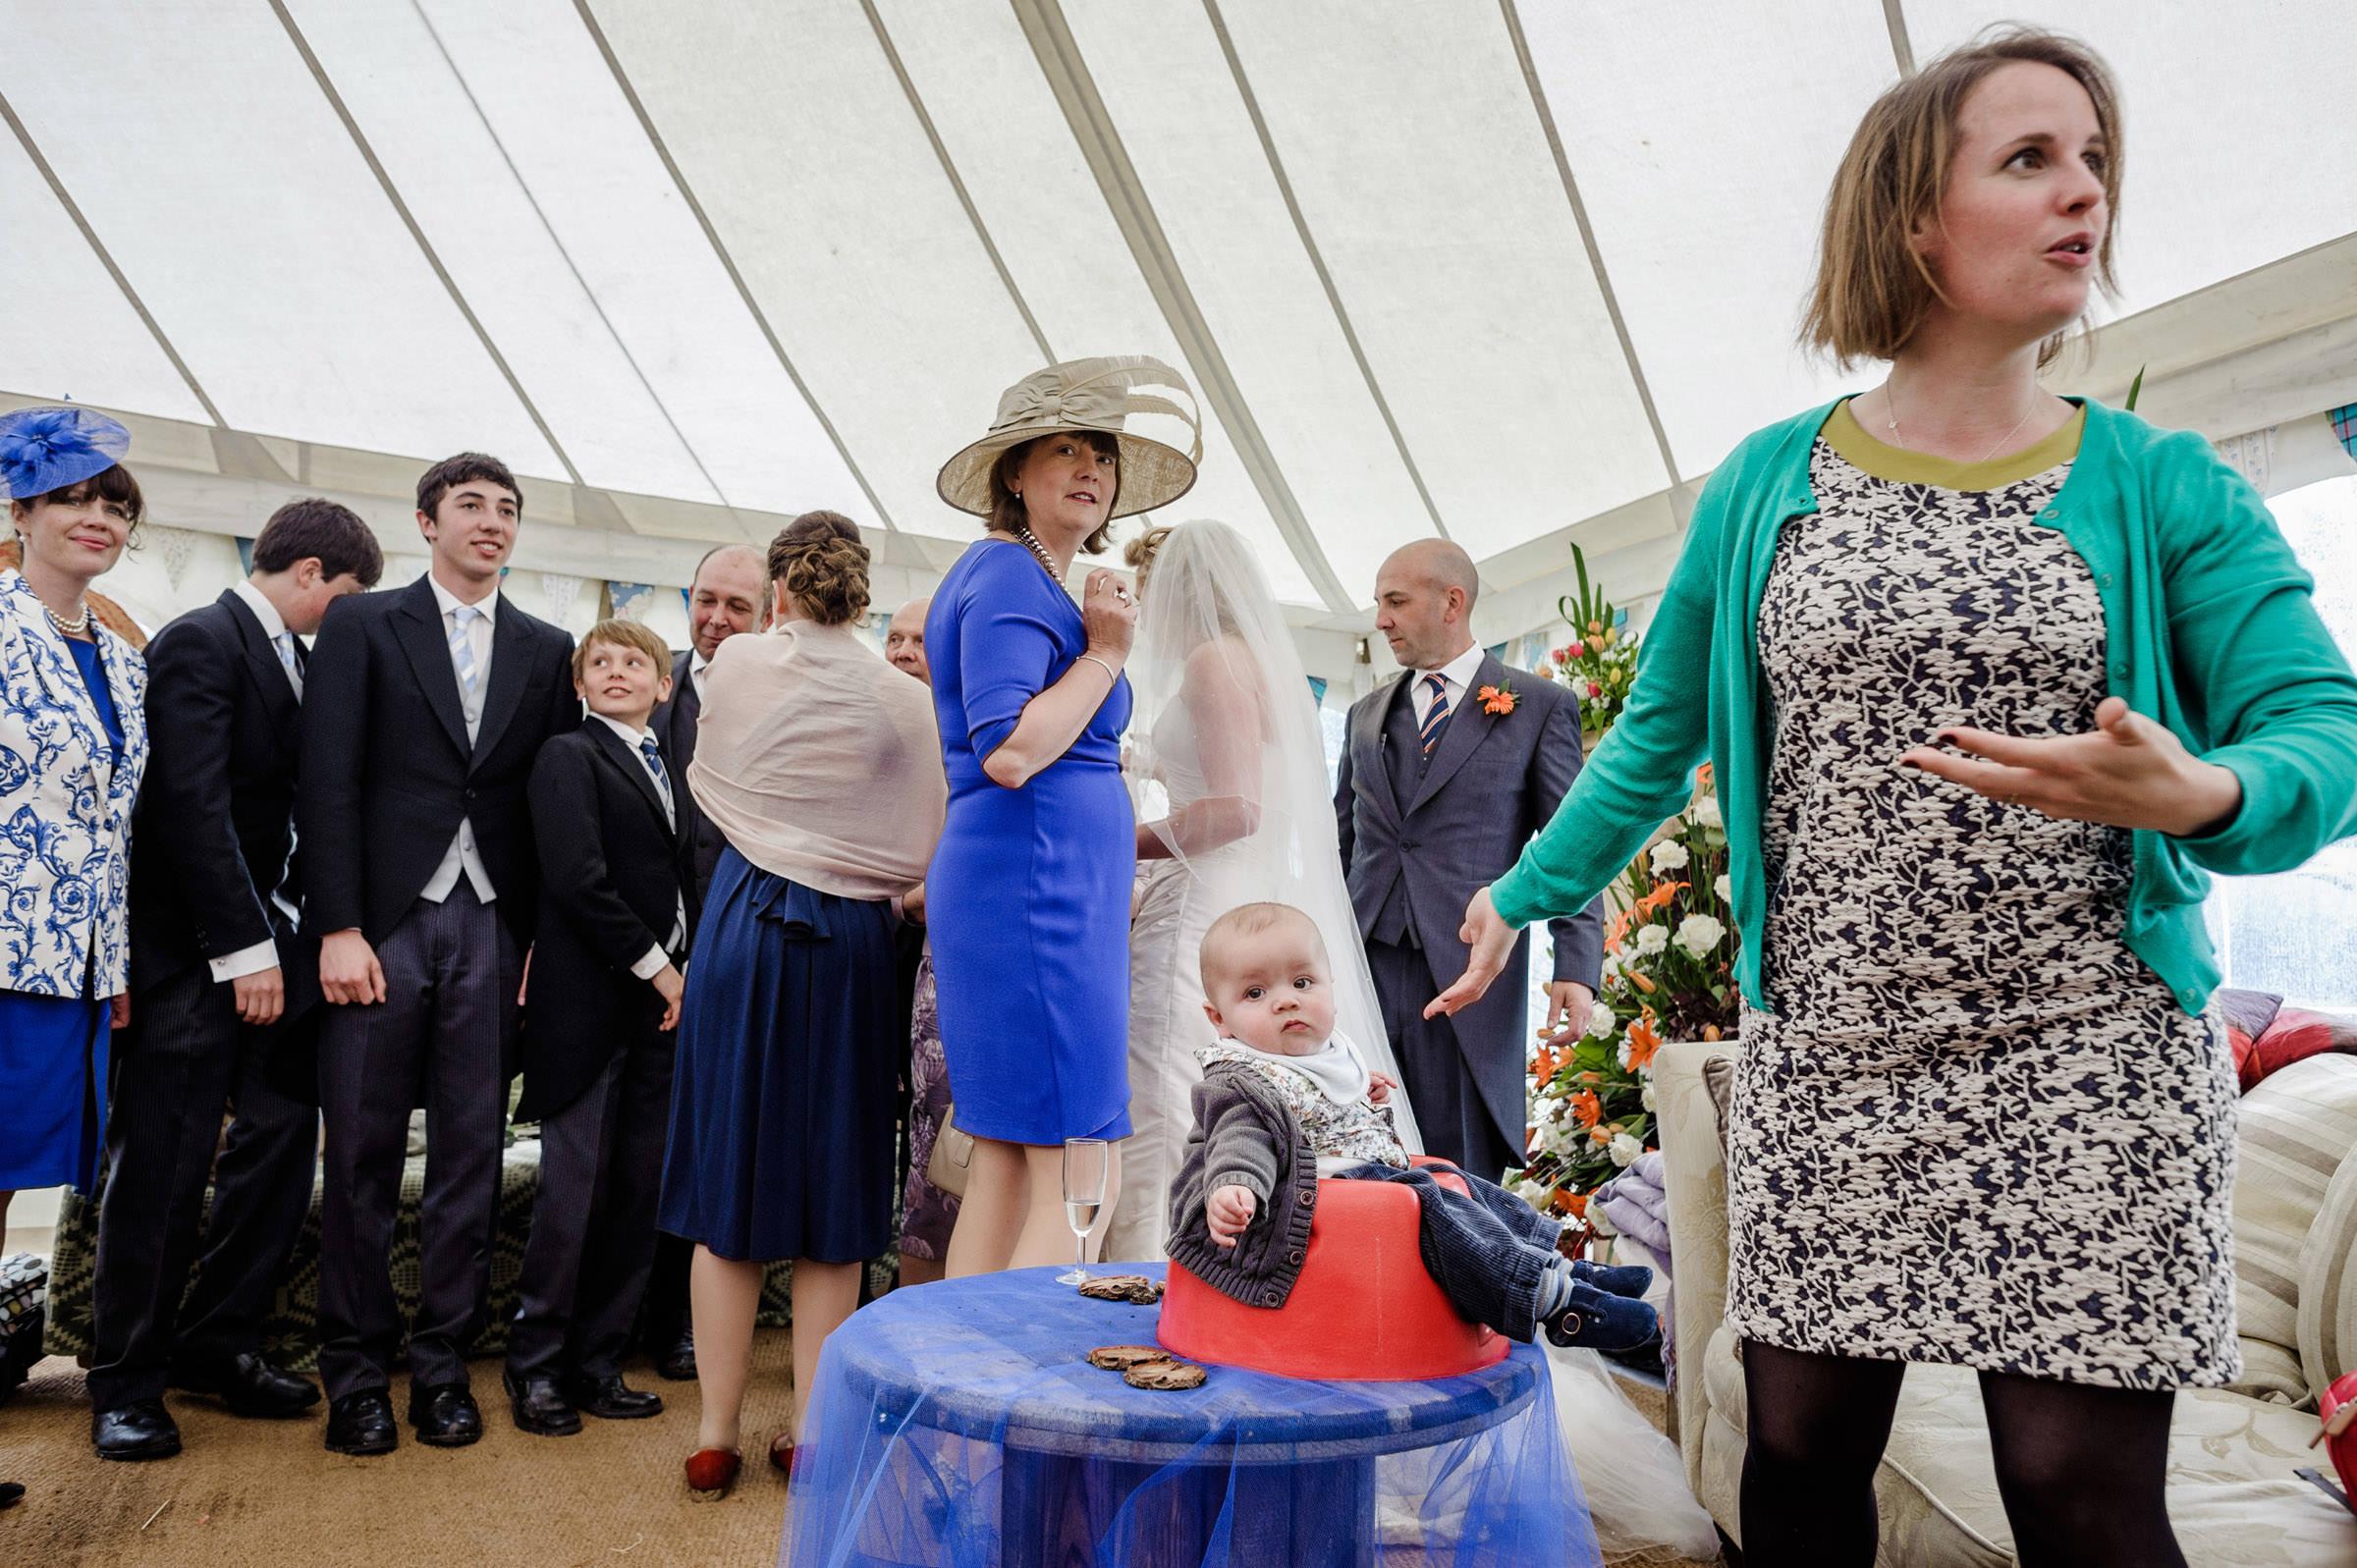 Wedding-Photography-Welsh-Borders-0044.jpg